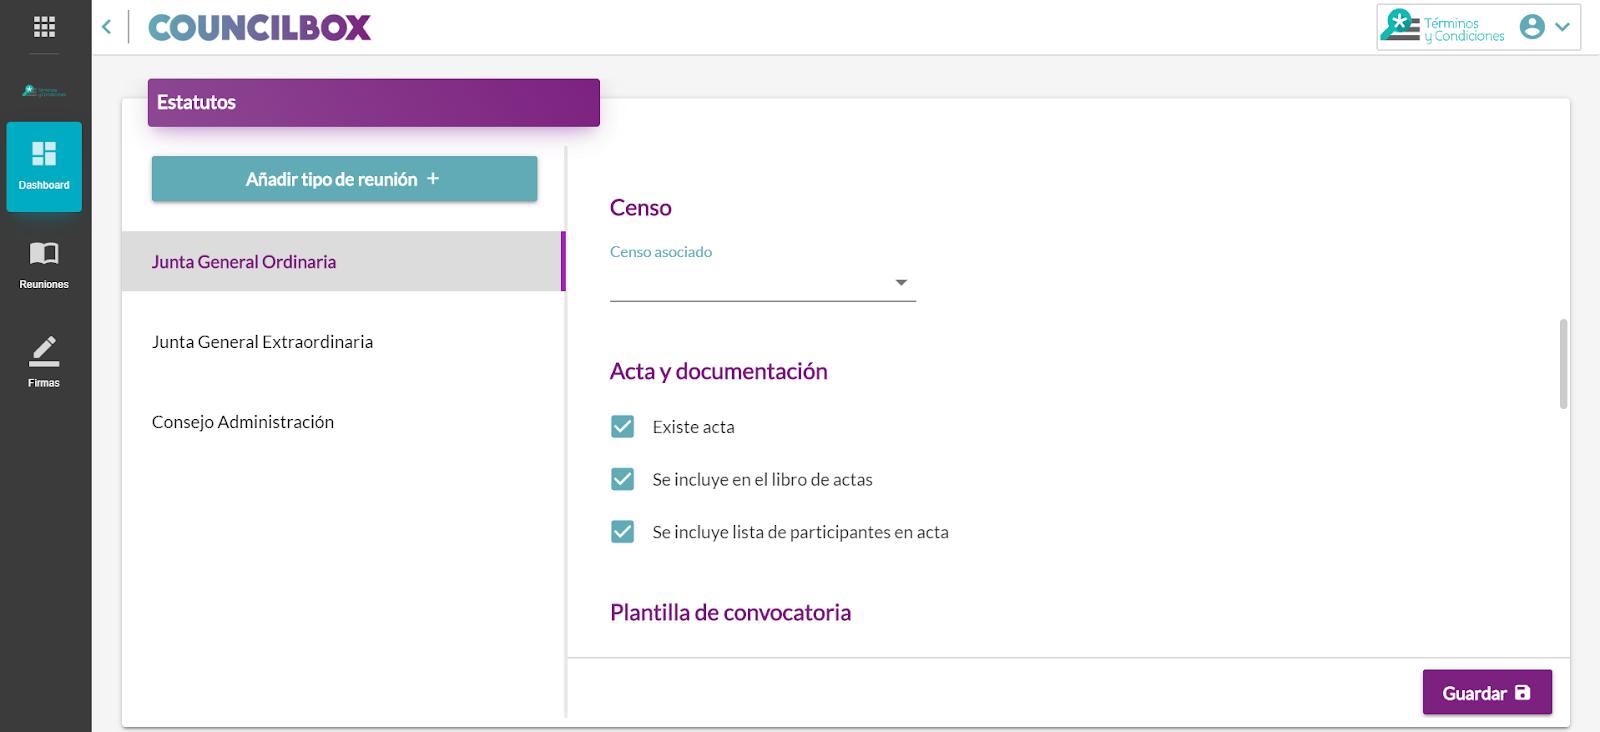 Configurando la convocatoria en Councilbox